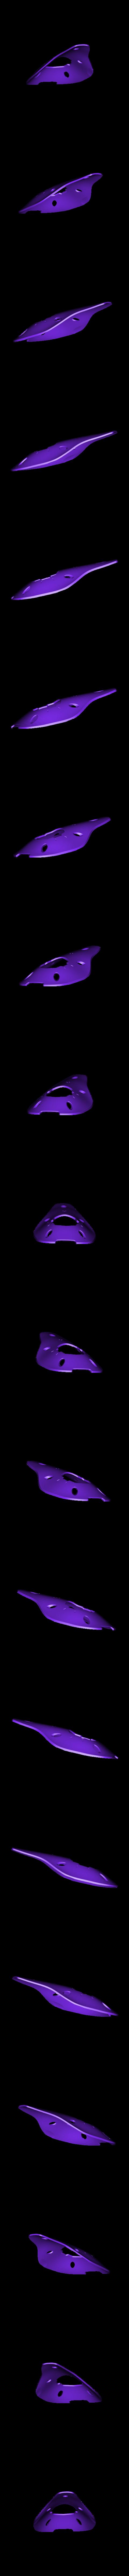 Assem stand test - 0 assem colony transporter-1 2 upper body-1.STL Download free STL file Colony Transporter model kit 1:72 • 3D printable template, 77LEE77